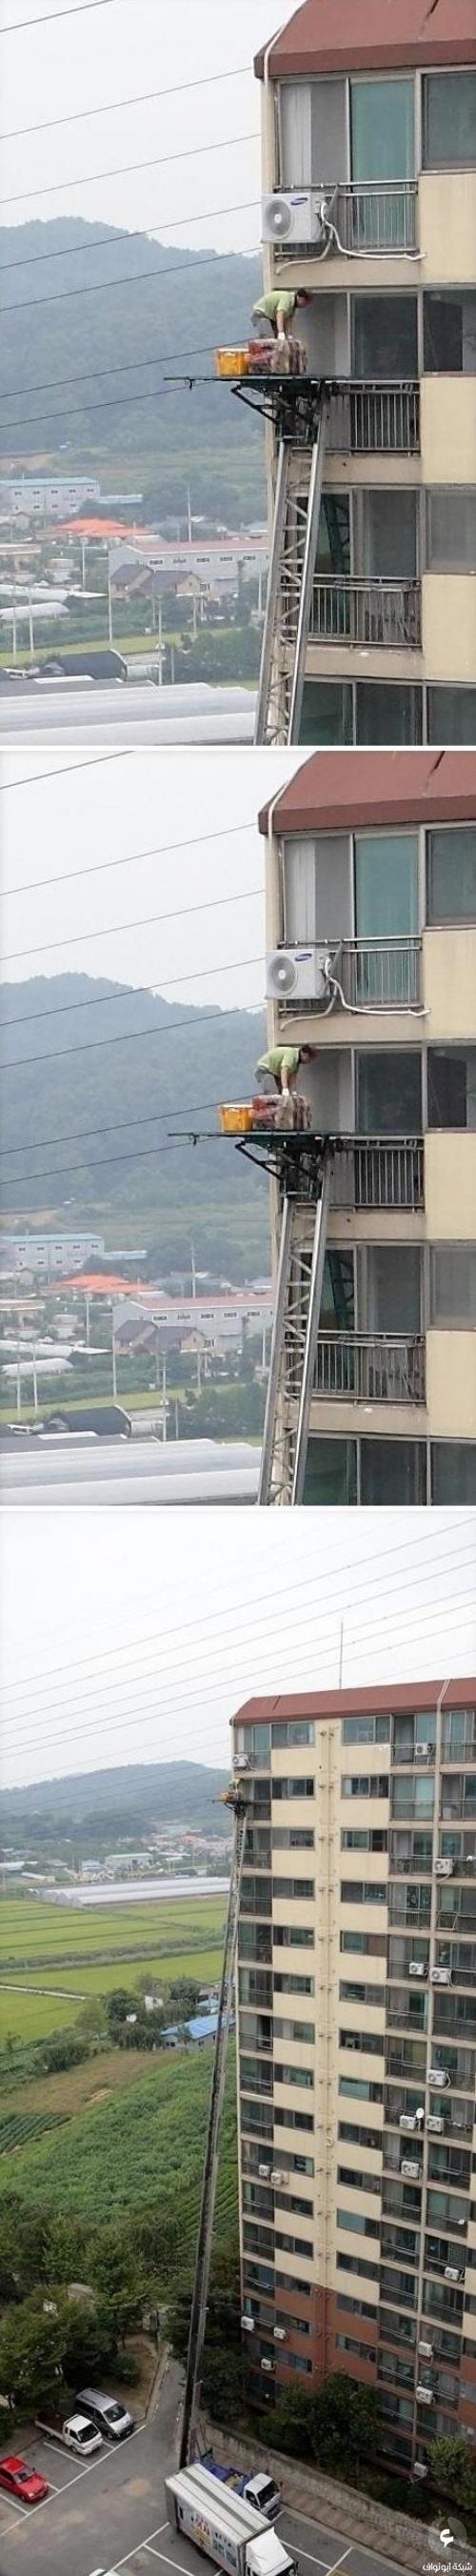 عامل يقوم بتركيب مكيف على ارتفاع 15 طابق